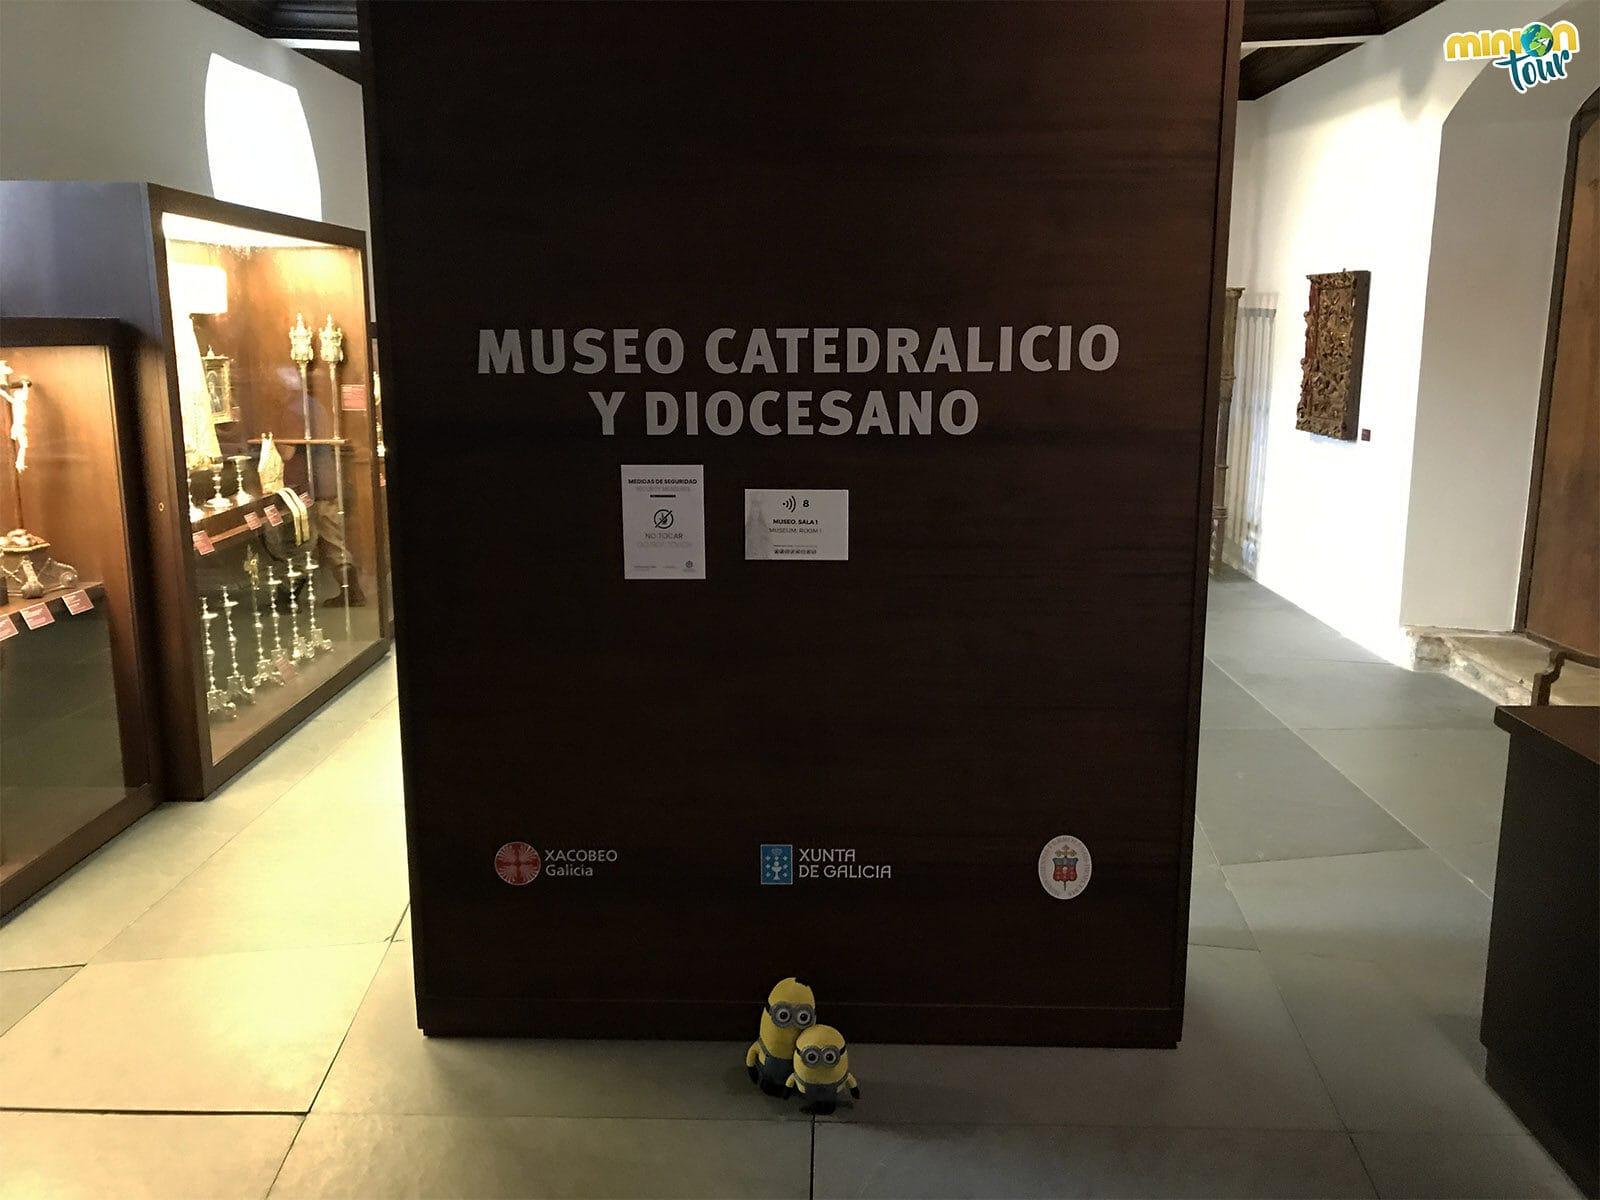 Minions entrando en el Museo Catedralicio y Diocesano de la Catedral de Mondoñedo